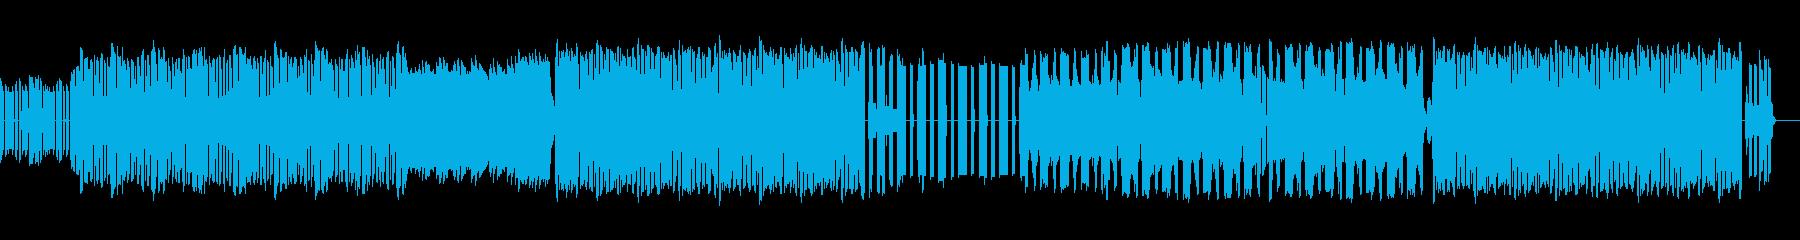 ファミコン音源によるノリの良い曲です。の再生済みの波形